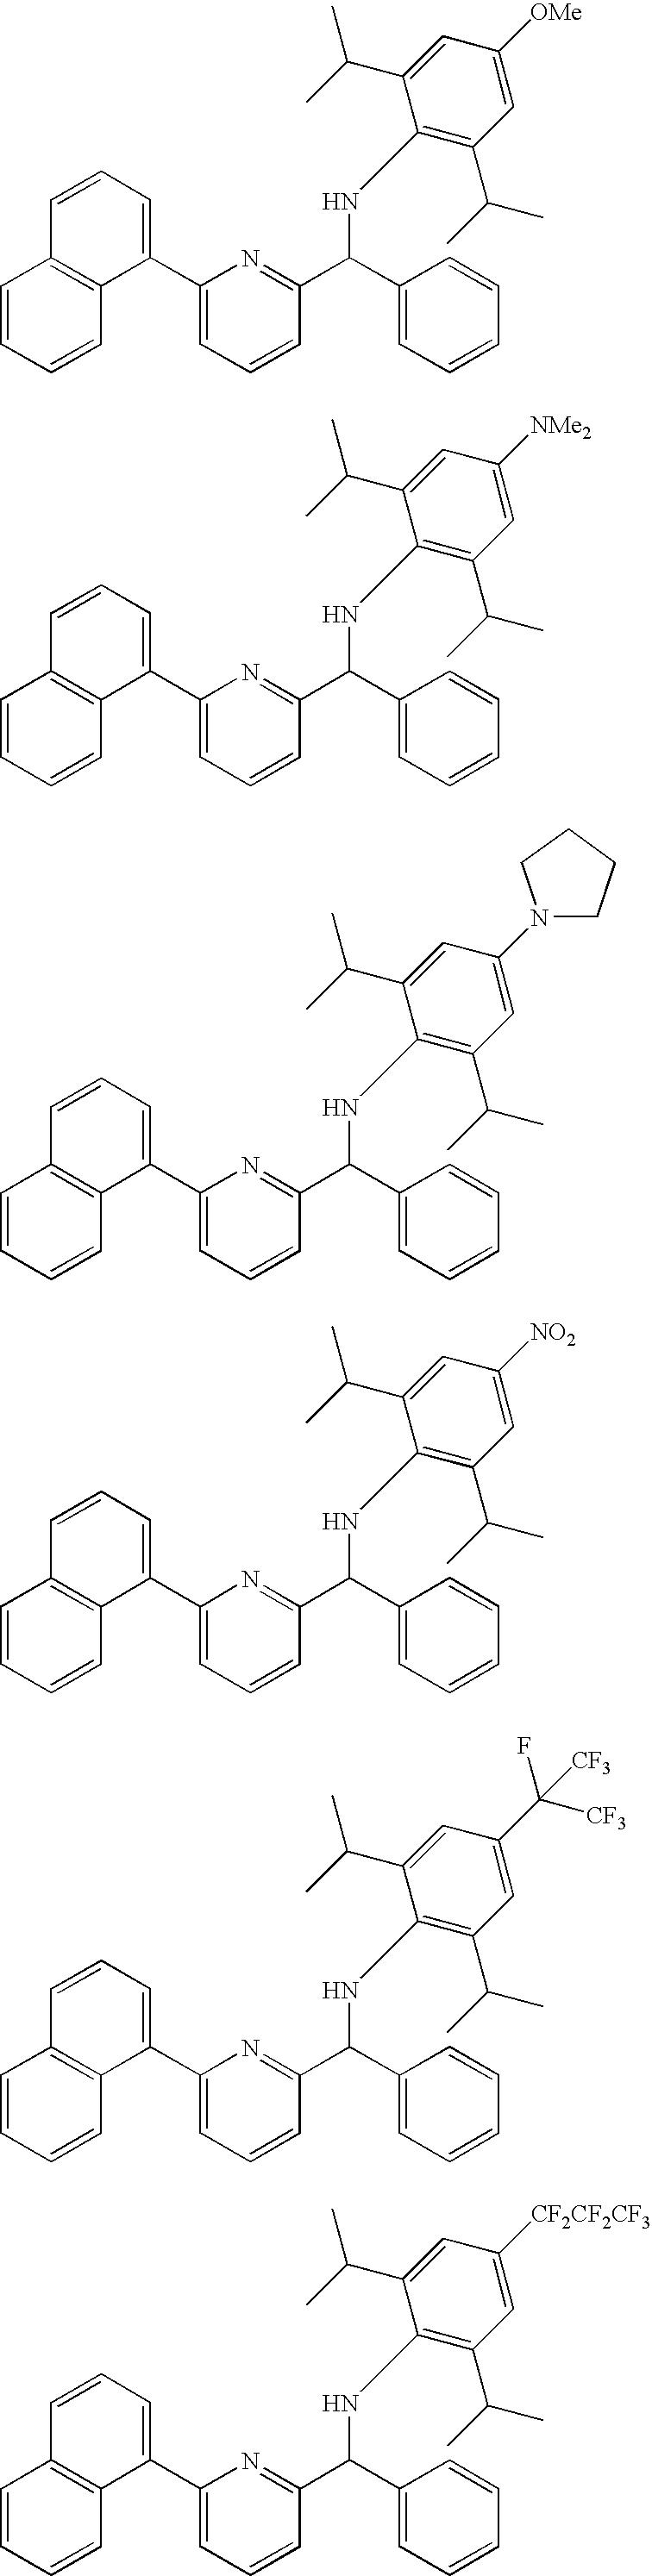 Figure US06900321-20050531-C00010